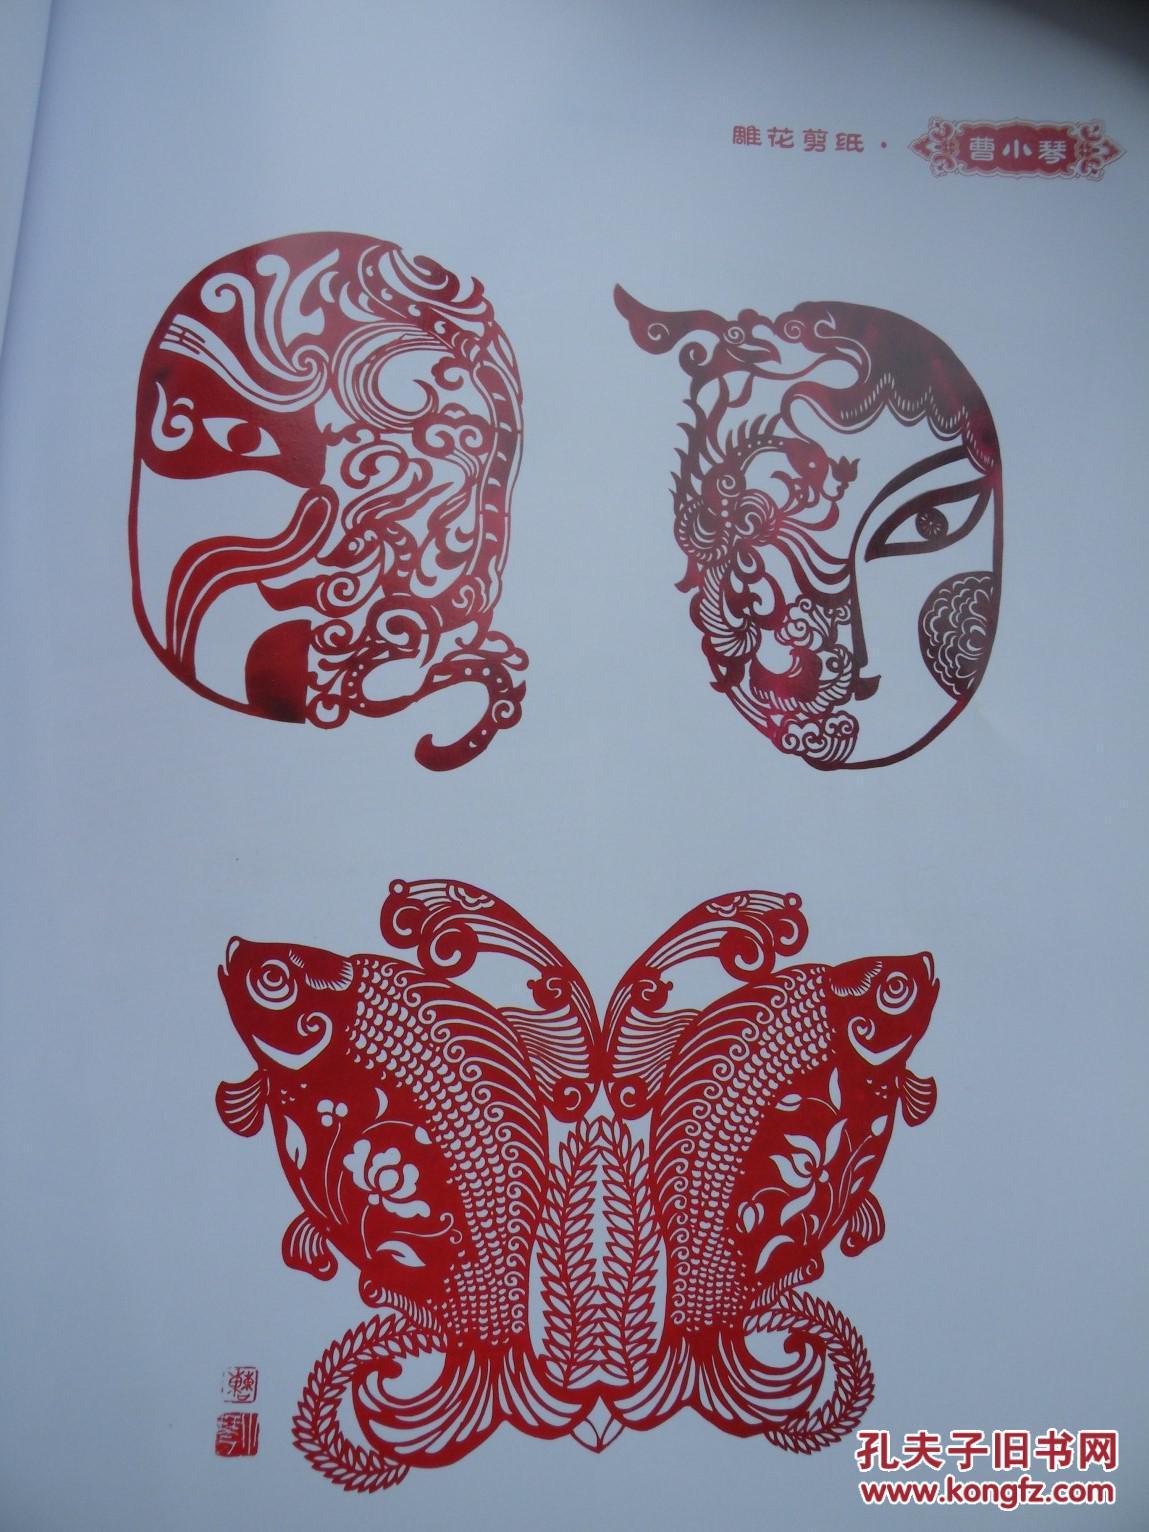 鄂州剪纸世界非遗【曹小琴】(中国剪纸协会会员,湖北省工艺美术大师图片